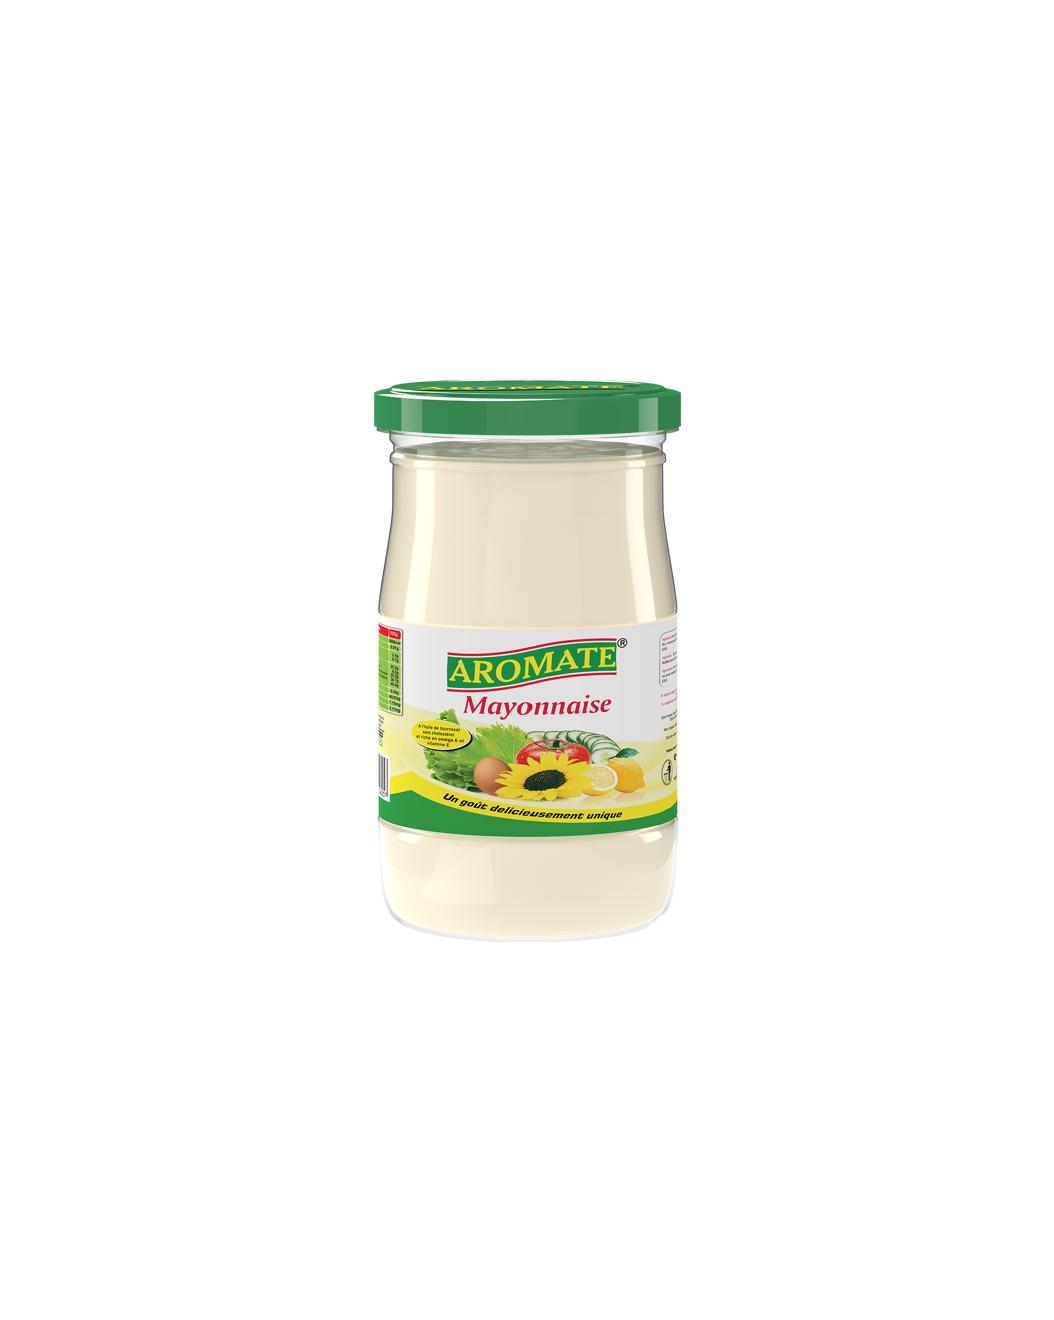 Mayonnaise AROMATE 270ml_Siprochim